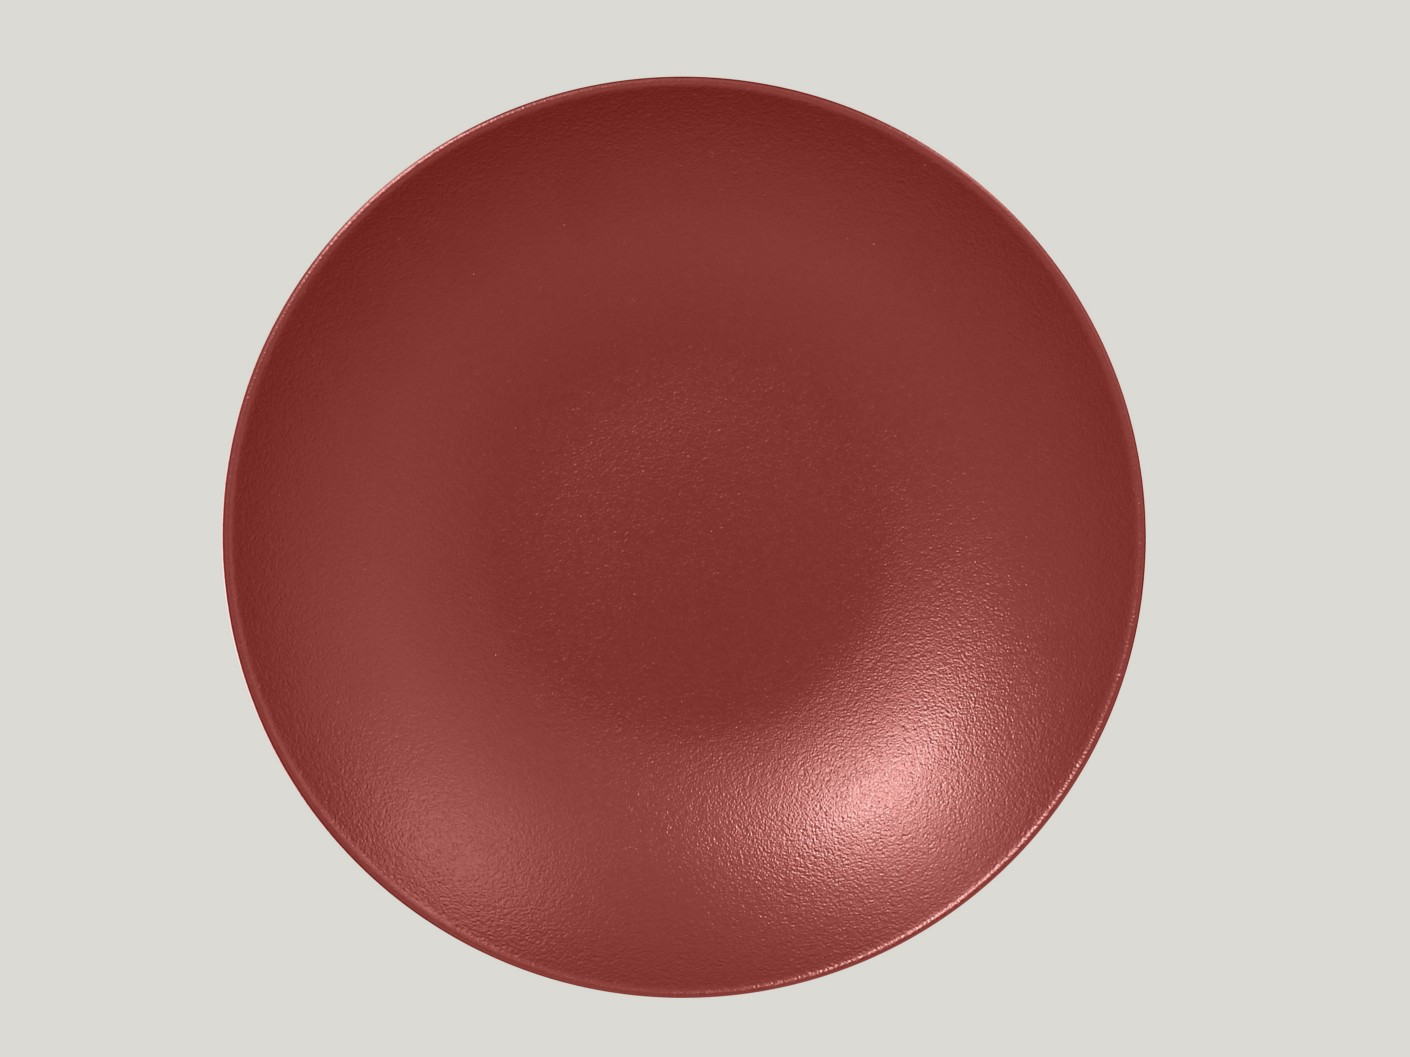 Neofusion talíř hluboký 120 cl - tmavě červená